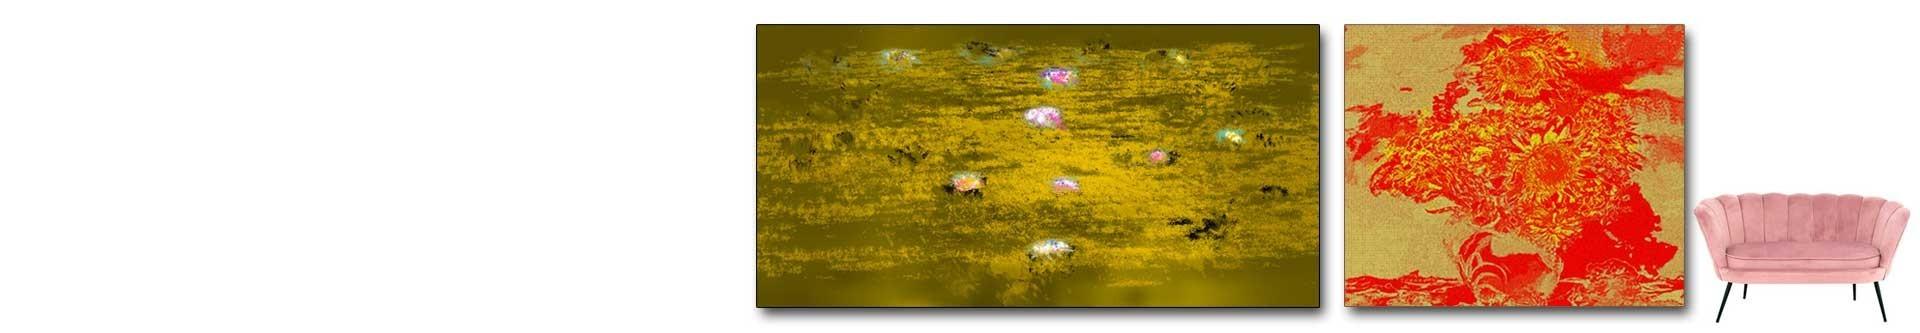 Obrazy na płótnie artysty plastyk oferuje sklep grafikiobrazy.pl Nowoczesne obrazy łączą ekologię z dobrym wzornictwem i grają ze stylem we wnętrzu